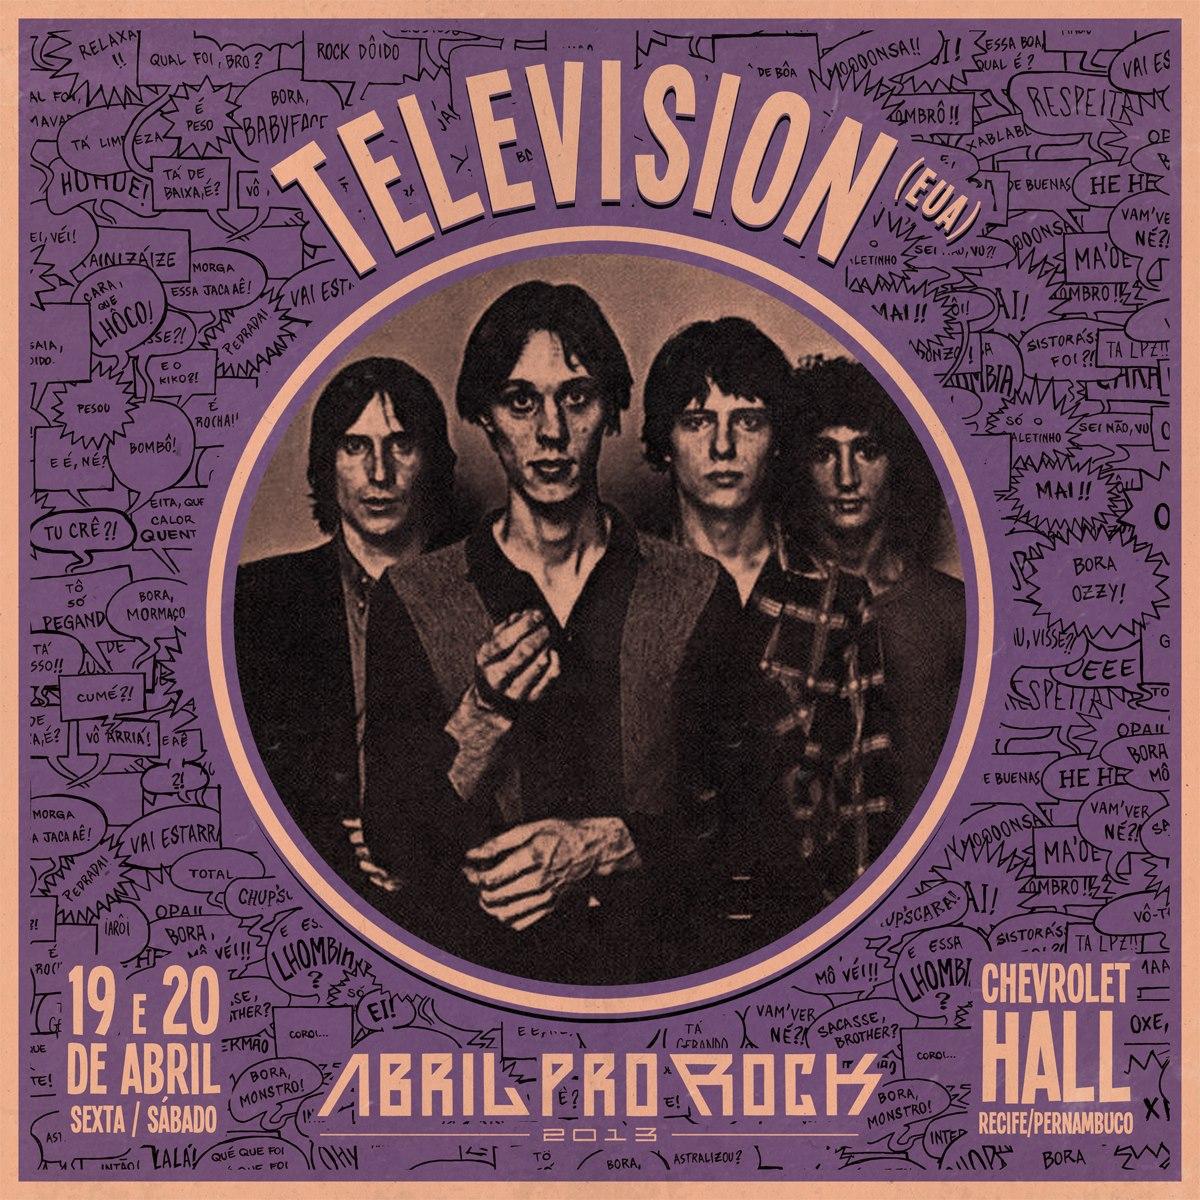 Abril Pro Rock confirma Television na edição 2013